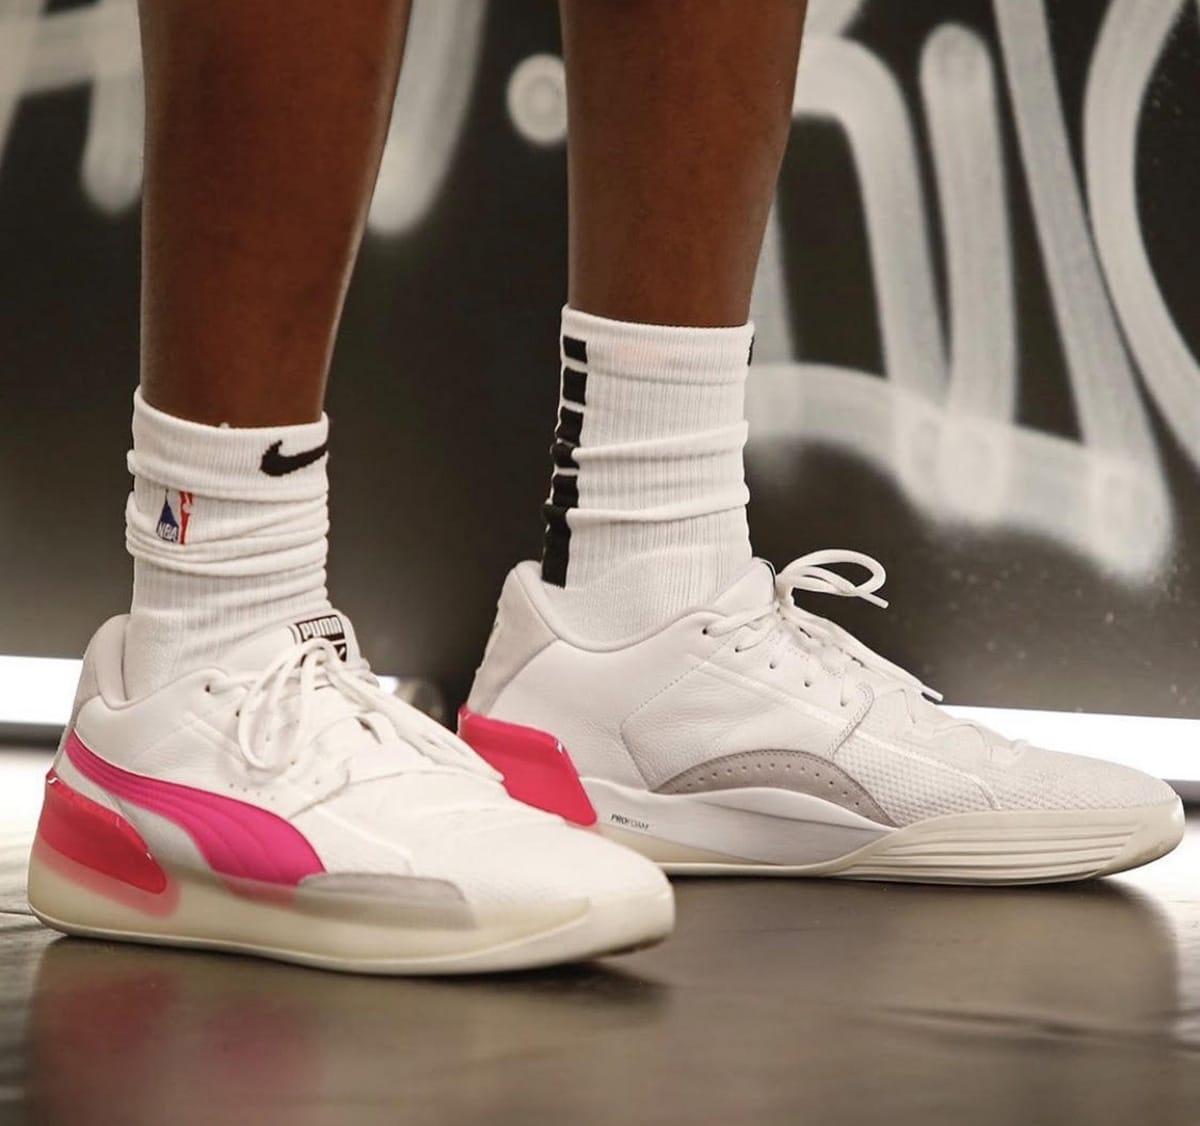 New-PUMA-Basketball-Shoe-2 - WearTesters